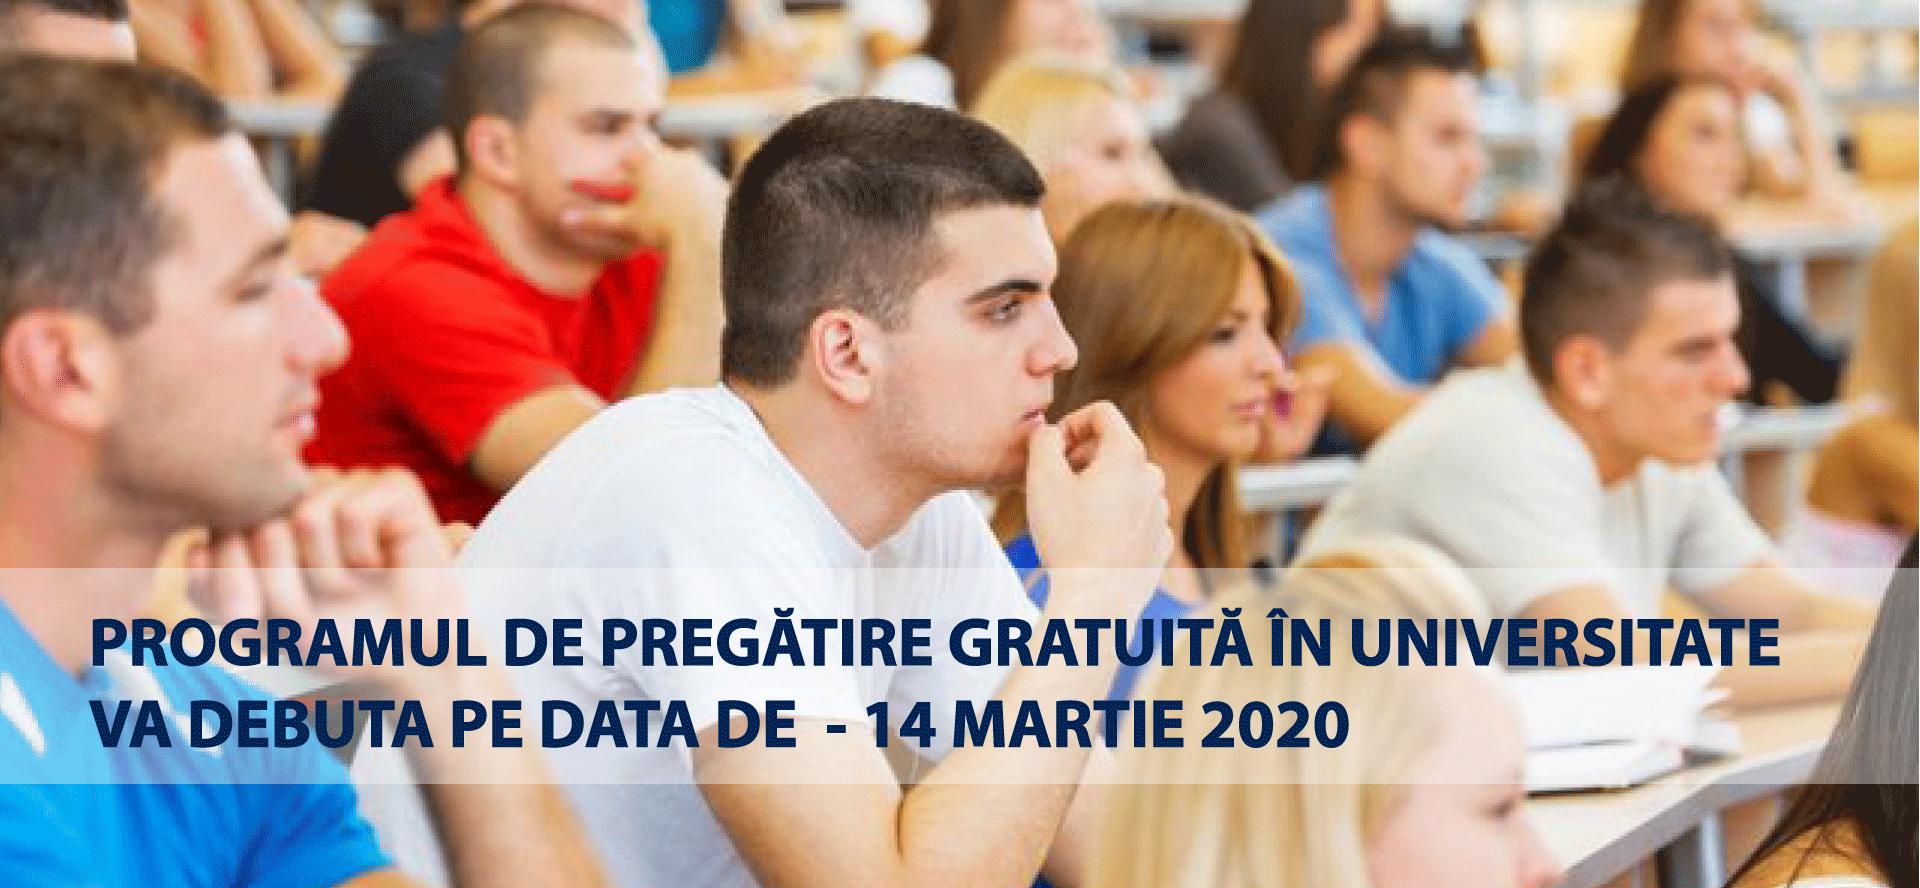 Universitatea POLITEHNICA din București anunță reînceperea cursurilor de pregătire GRATUITĂ în data de 14 Martie 2020